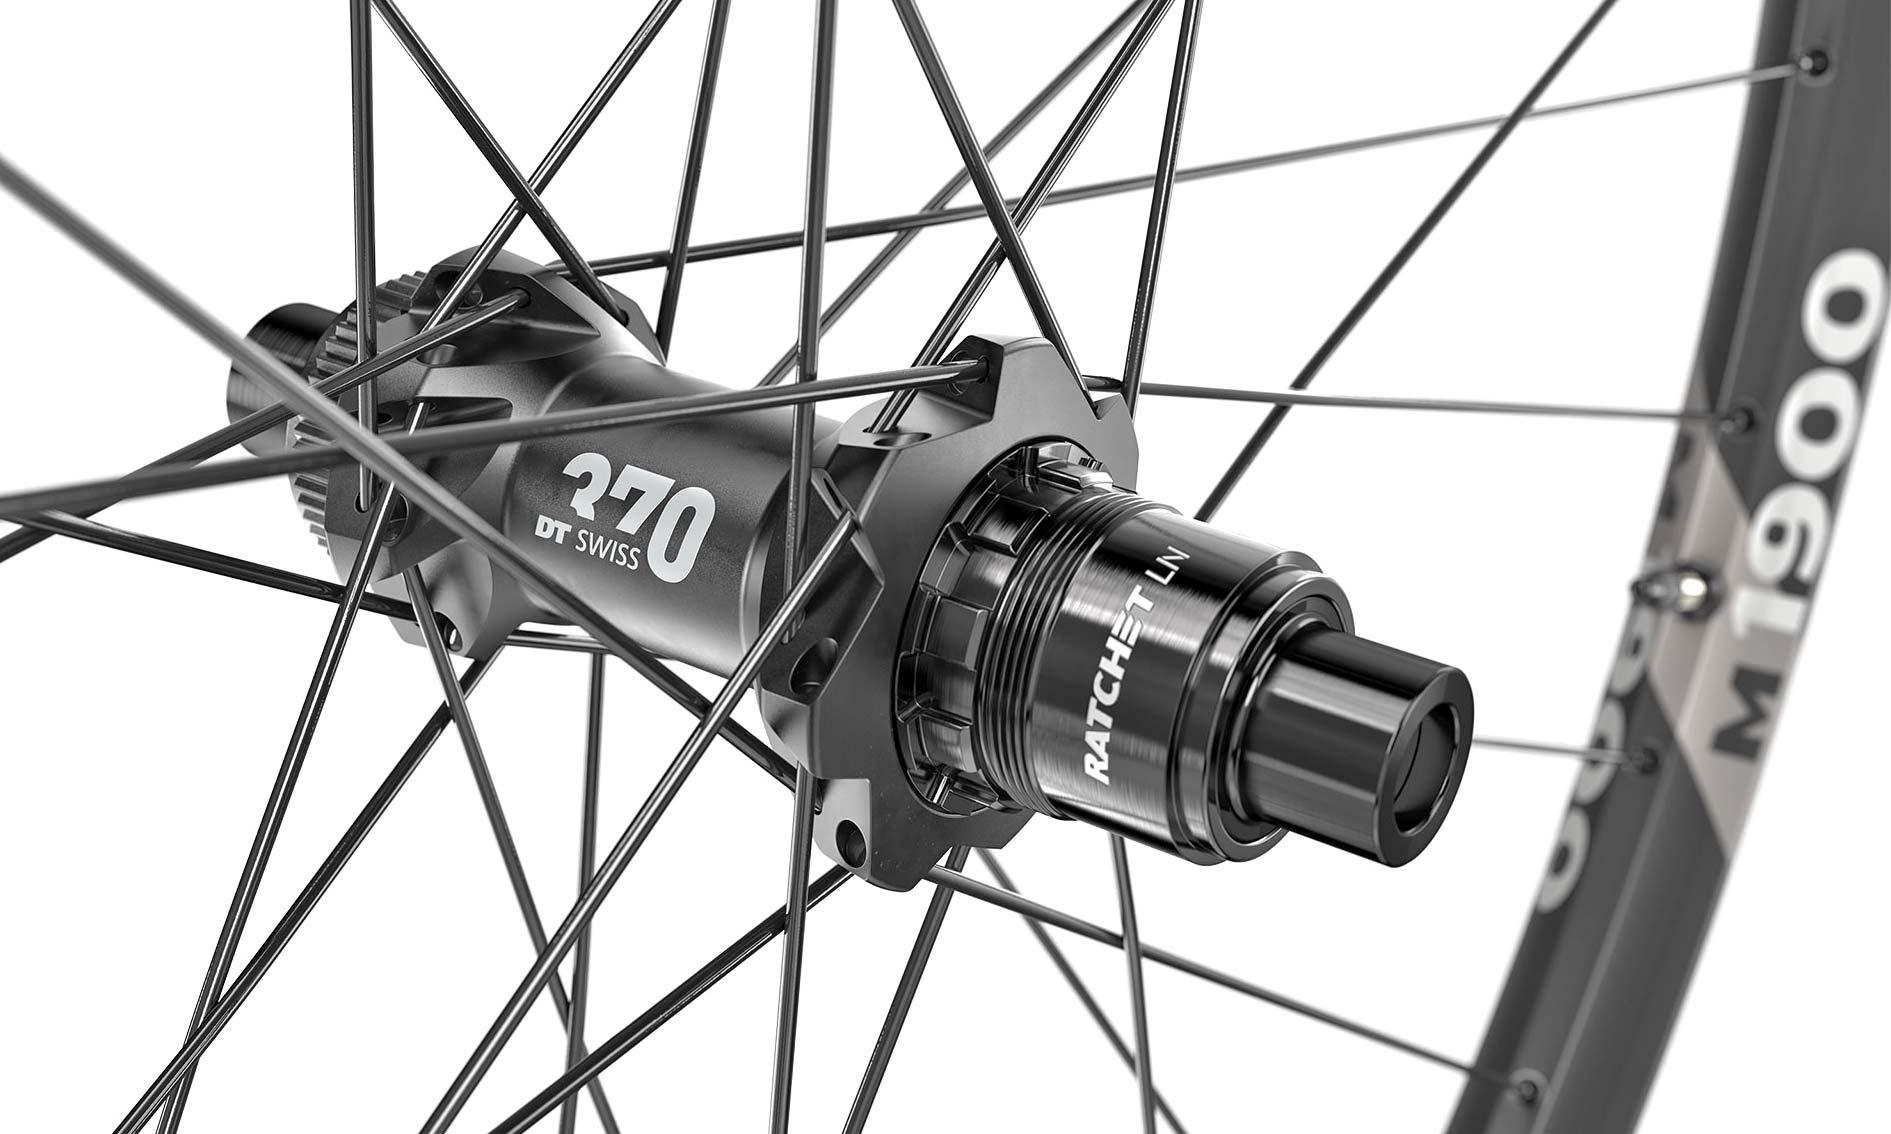 DT Swiss 1900 Spline MTB wheels upgrade to Ratchet LN hubs